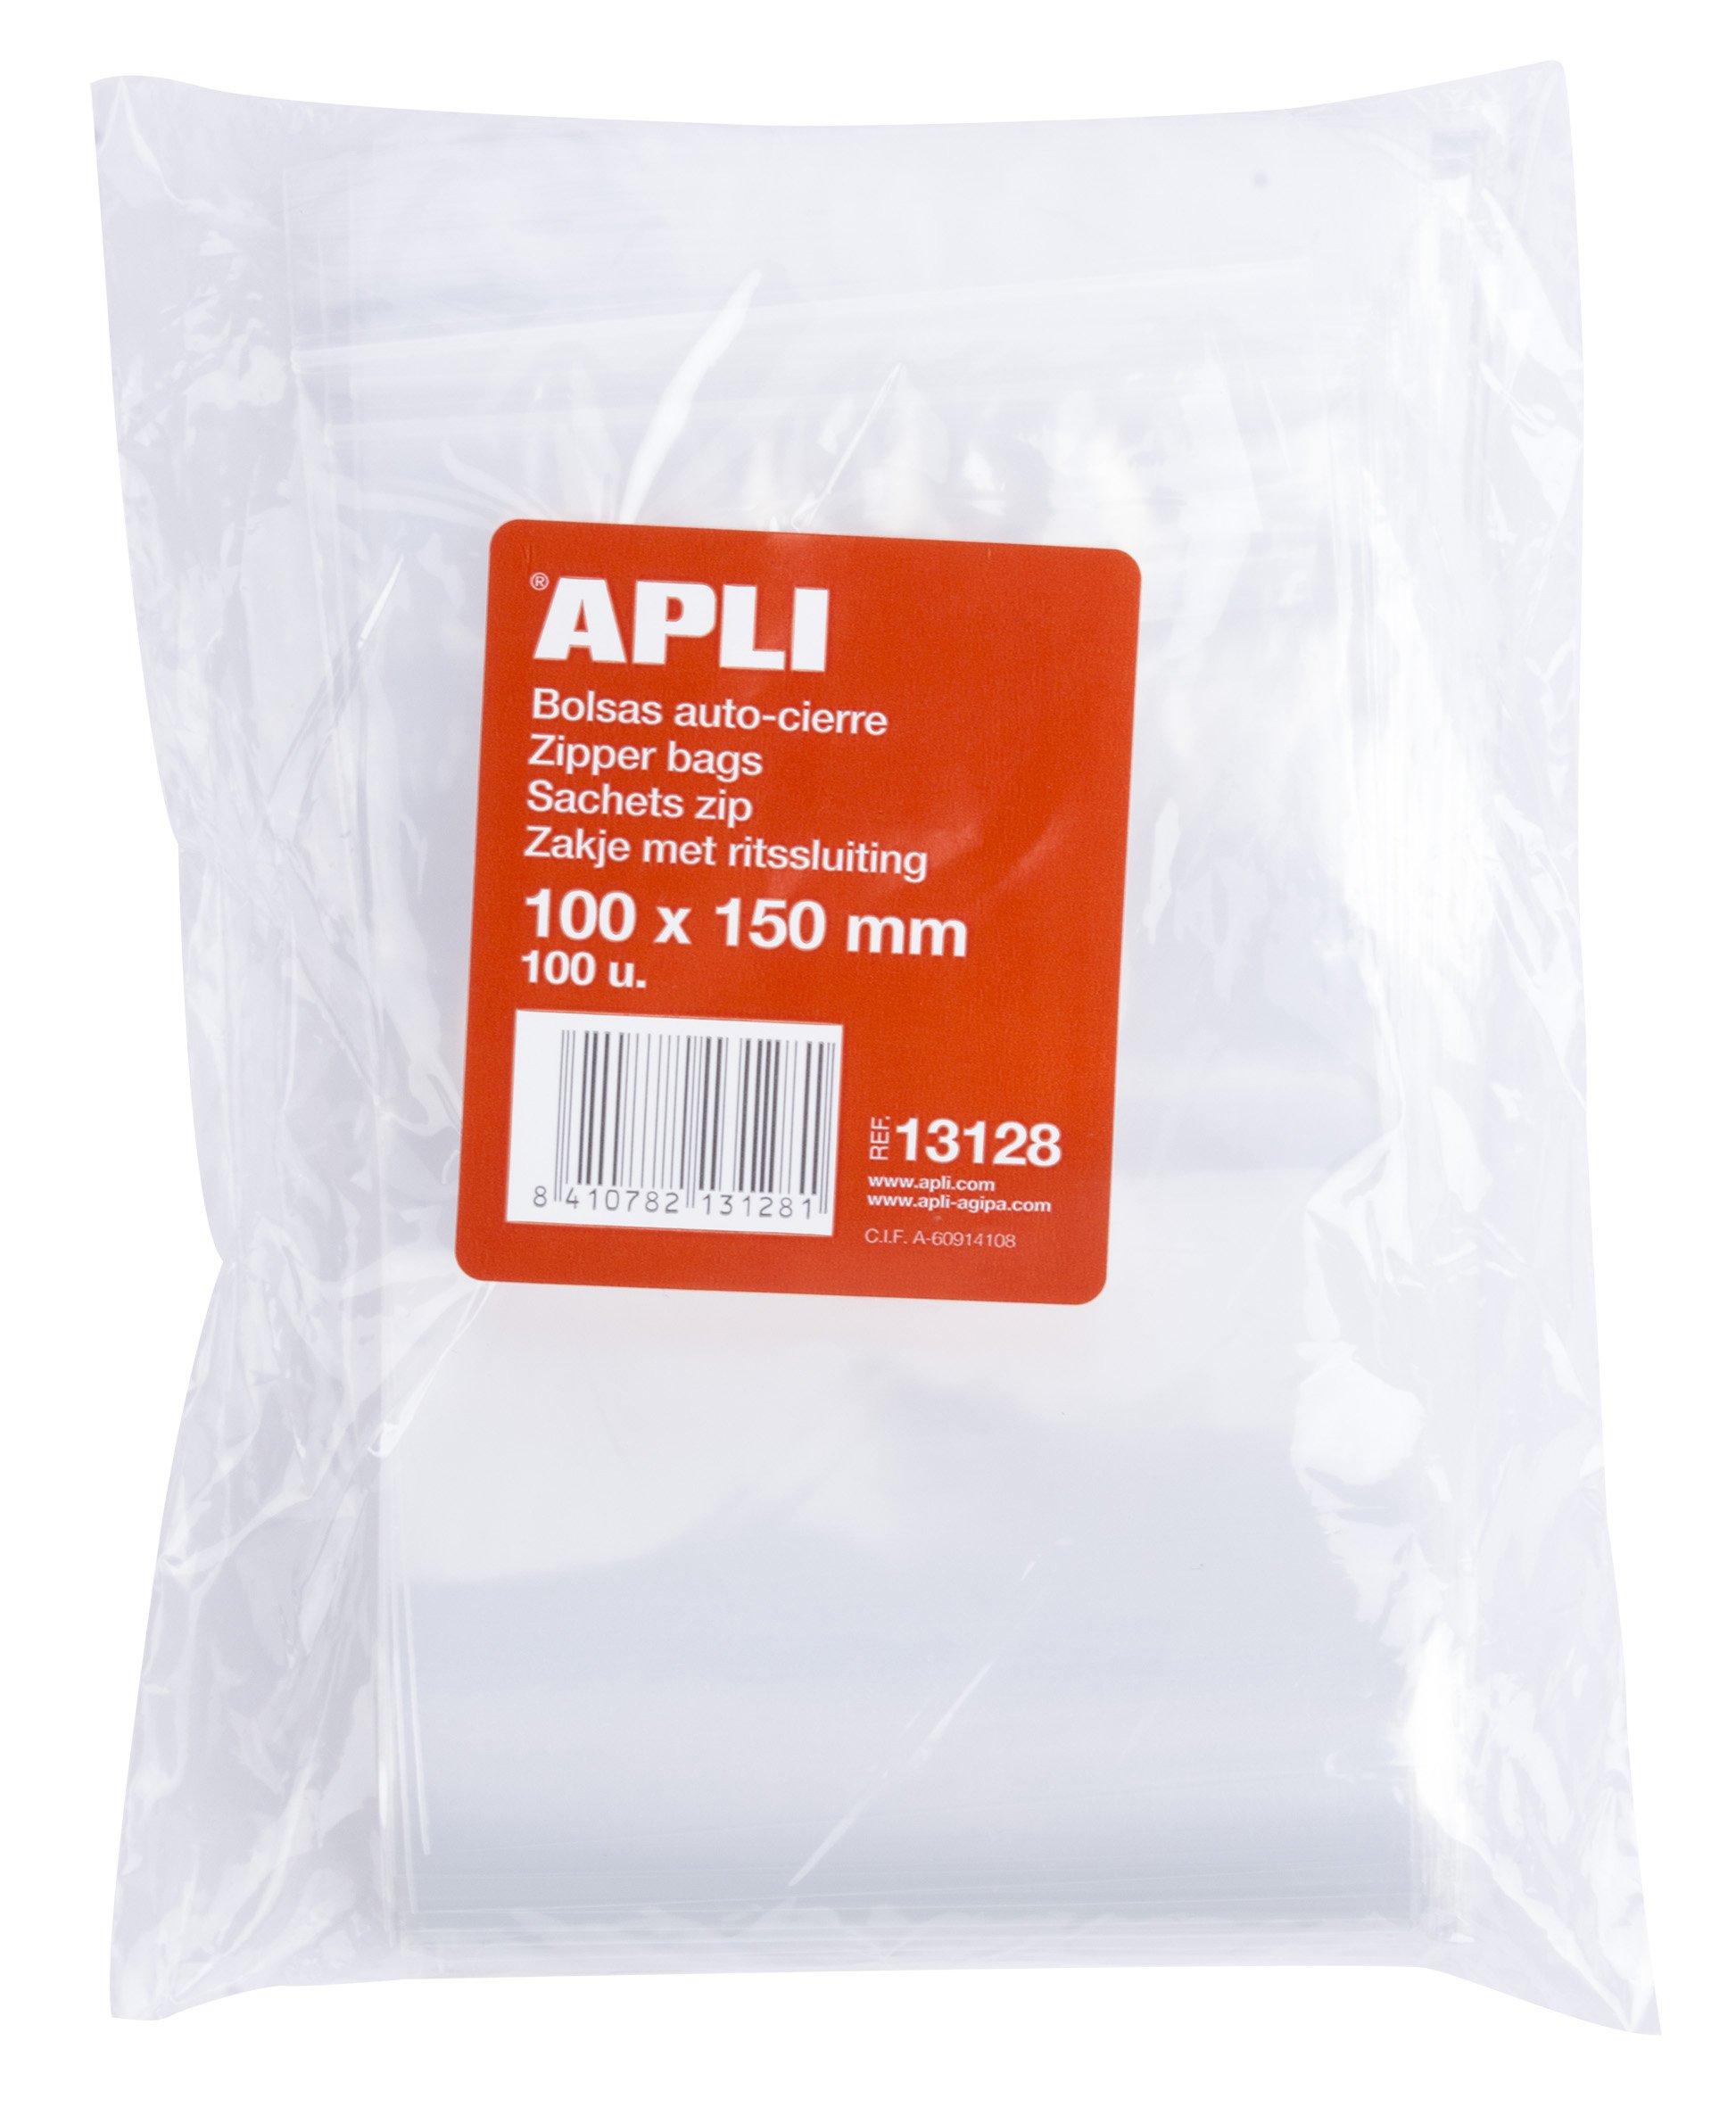 APLI 13128 - Pack de 100 bolsas de plástico con autocierre, 100 x ...